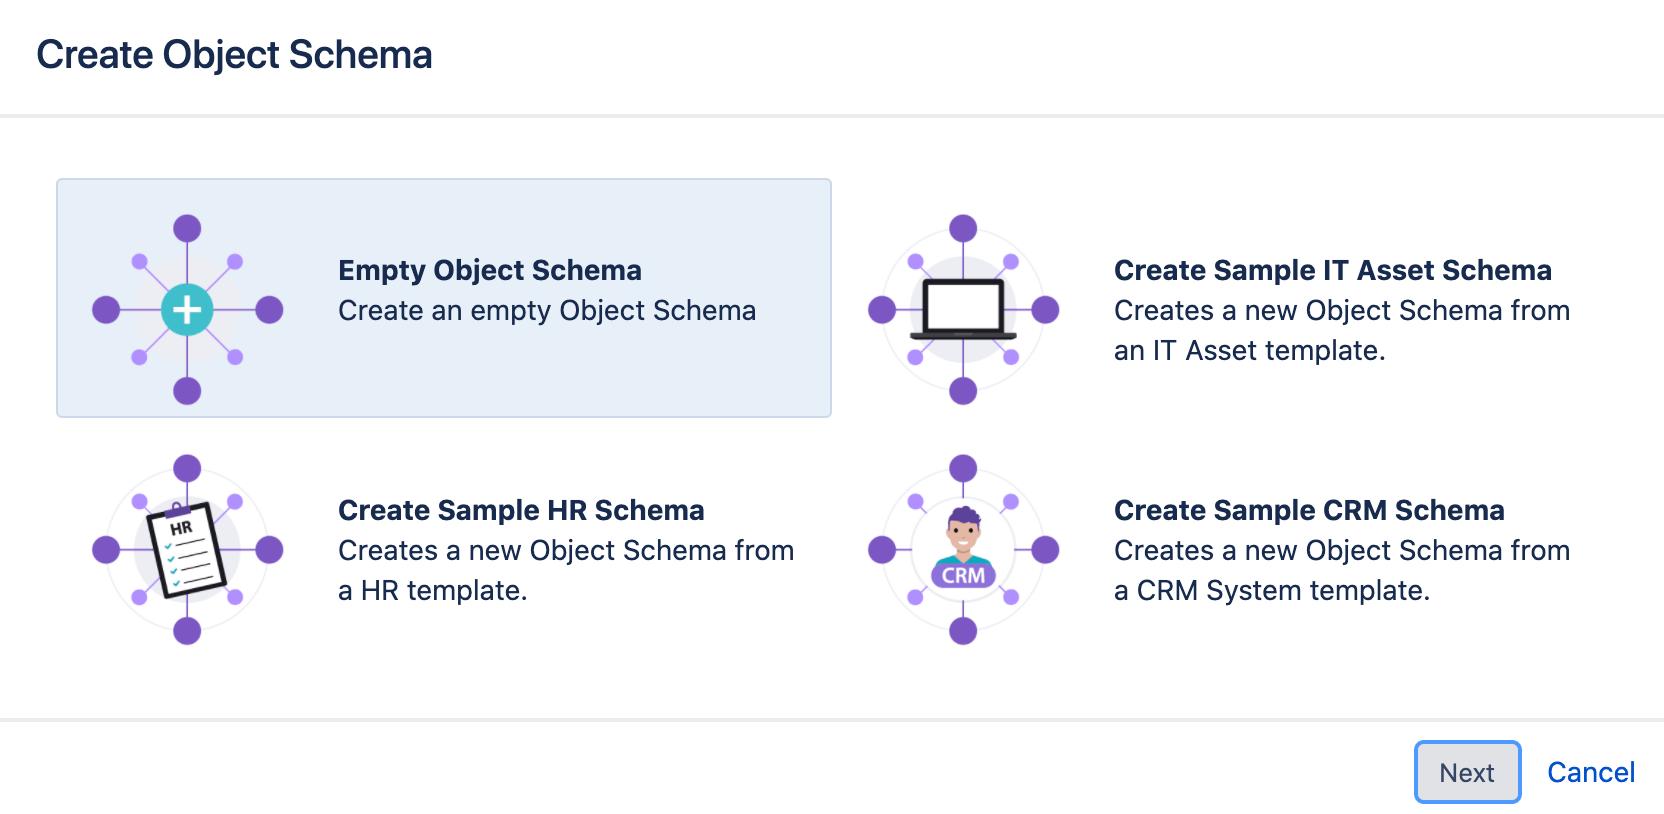 Formulaire créé par un schéma d'objets avec des options de schéma vide, un schéma d'actif informatique, un schéma de RH et un schéma de CRM.